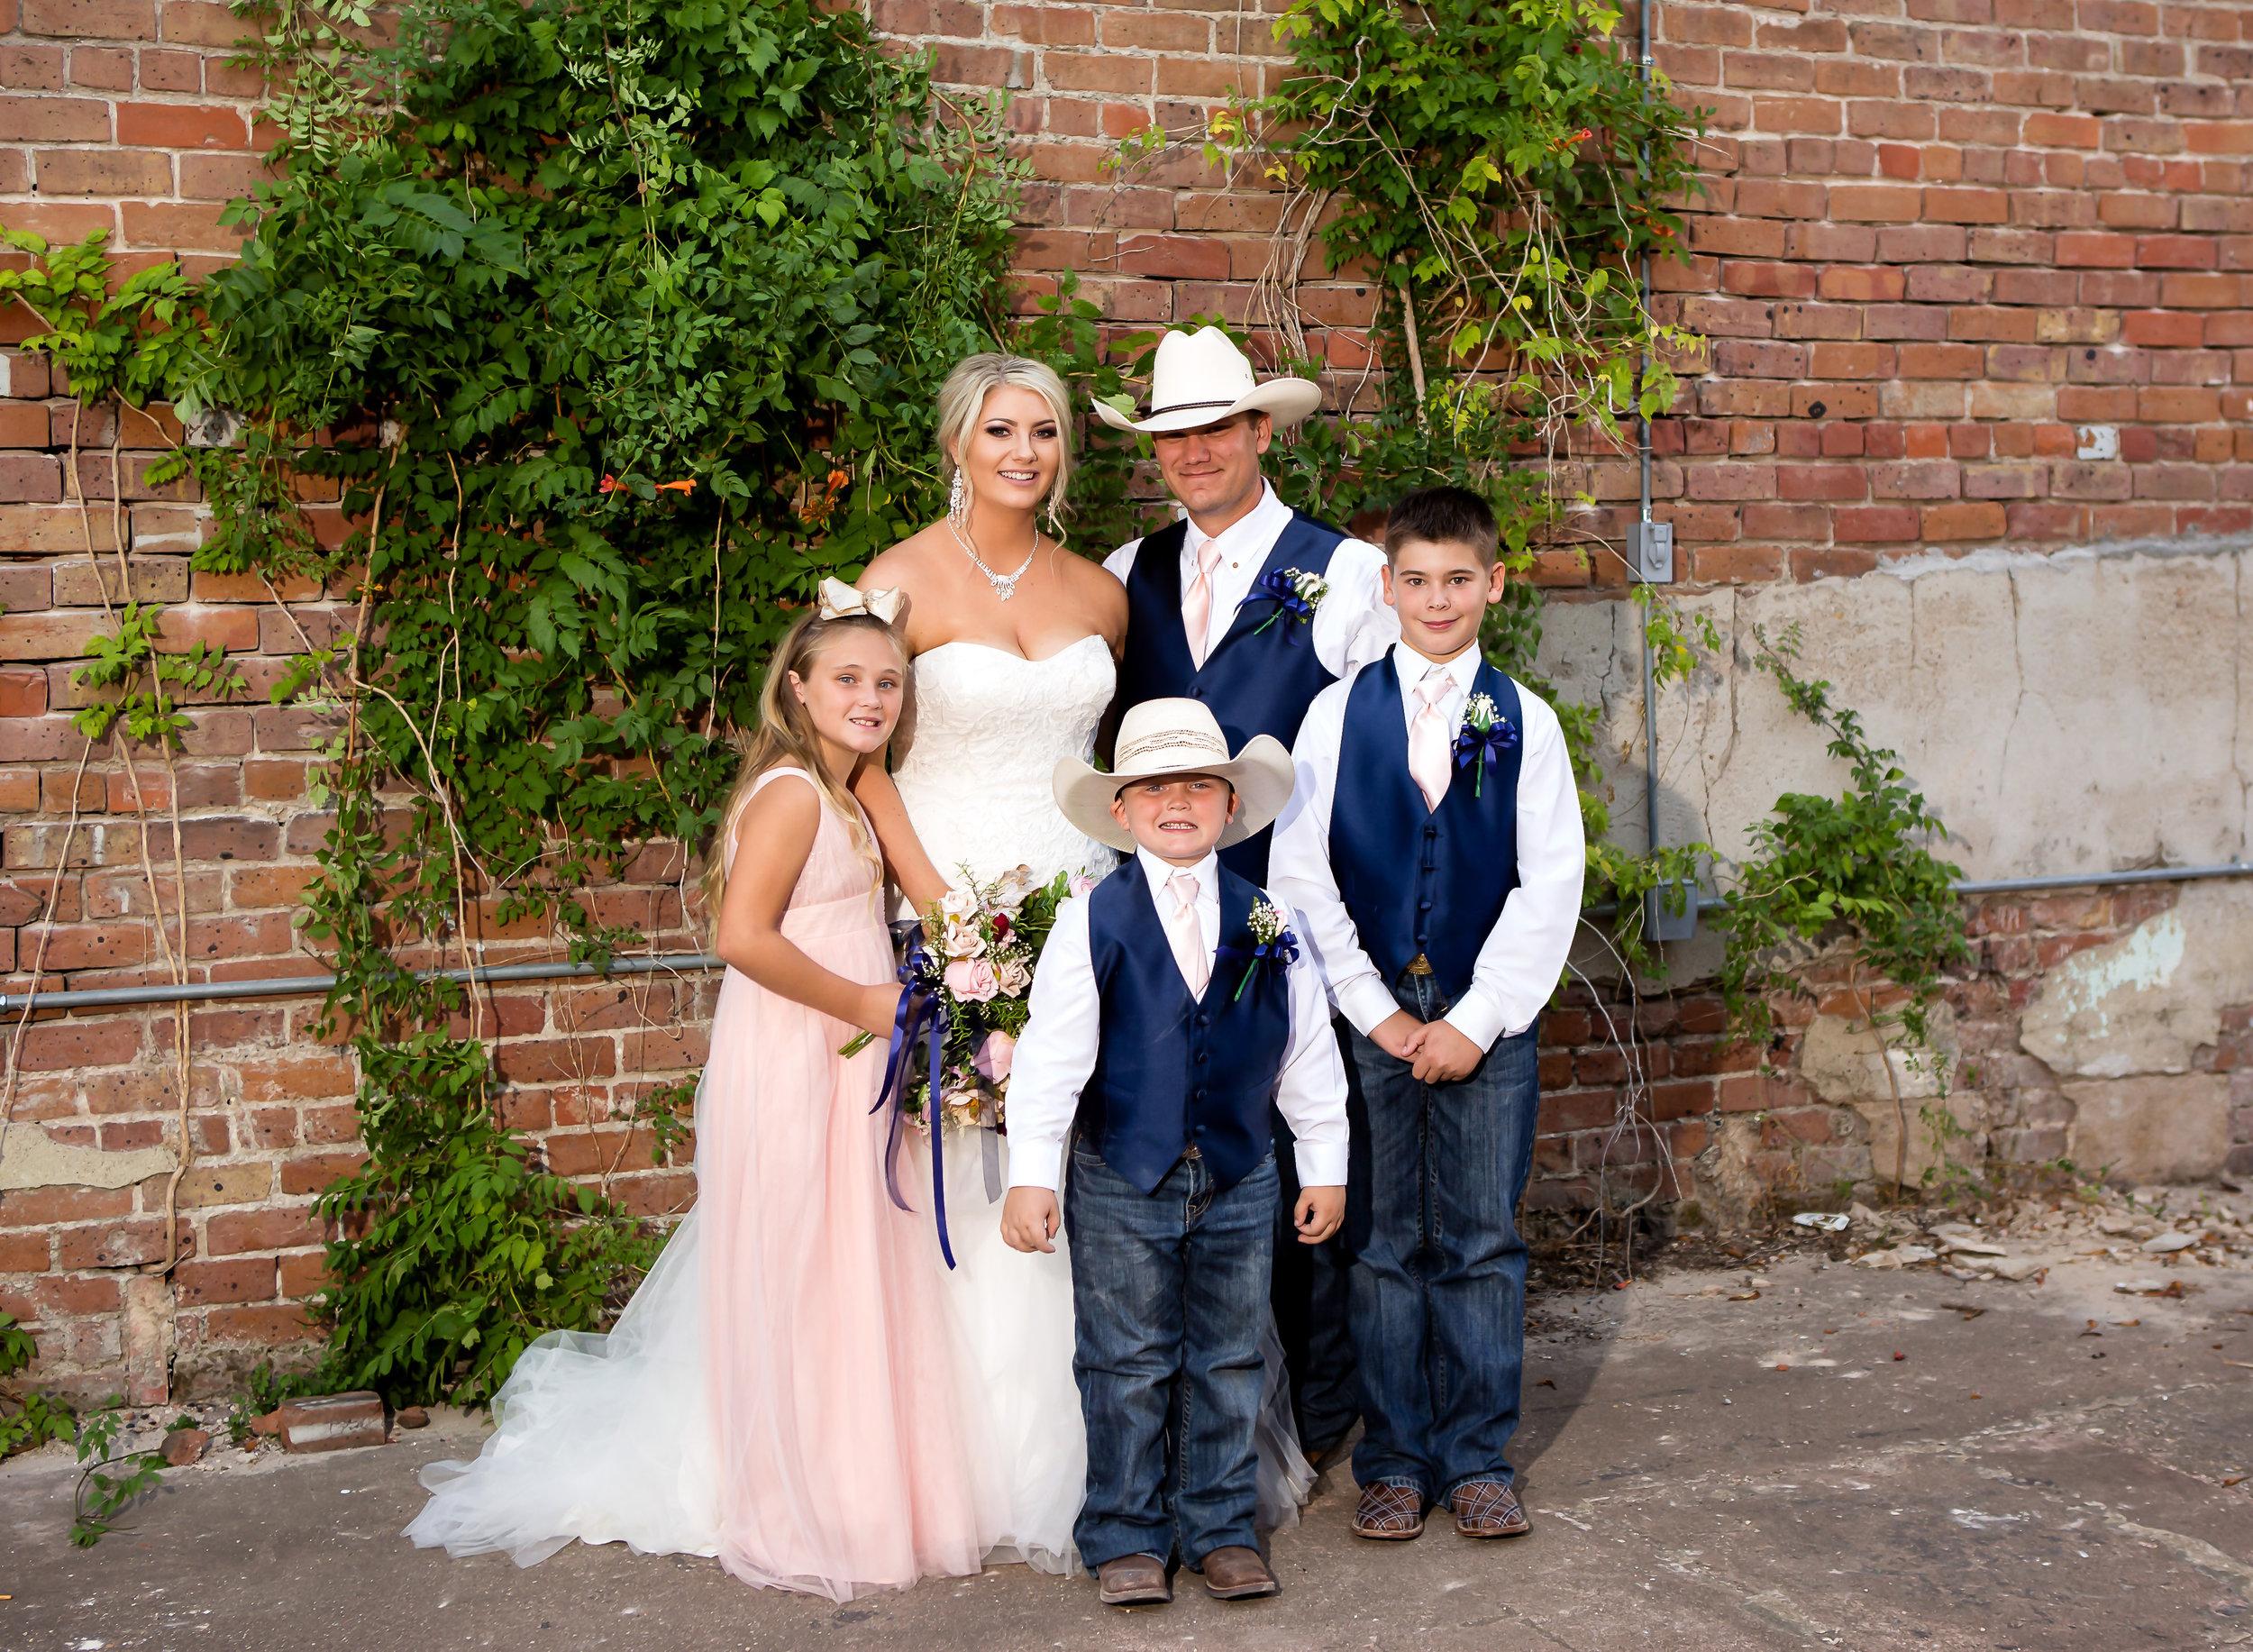 Mr. and Mrs. Barkouskie with their three children.